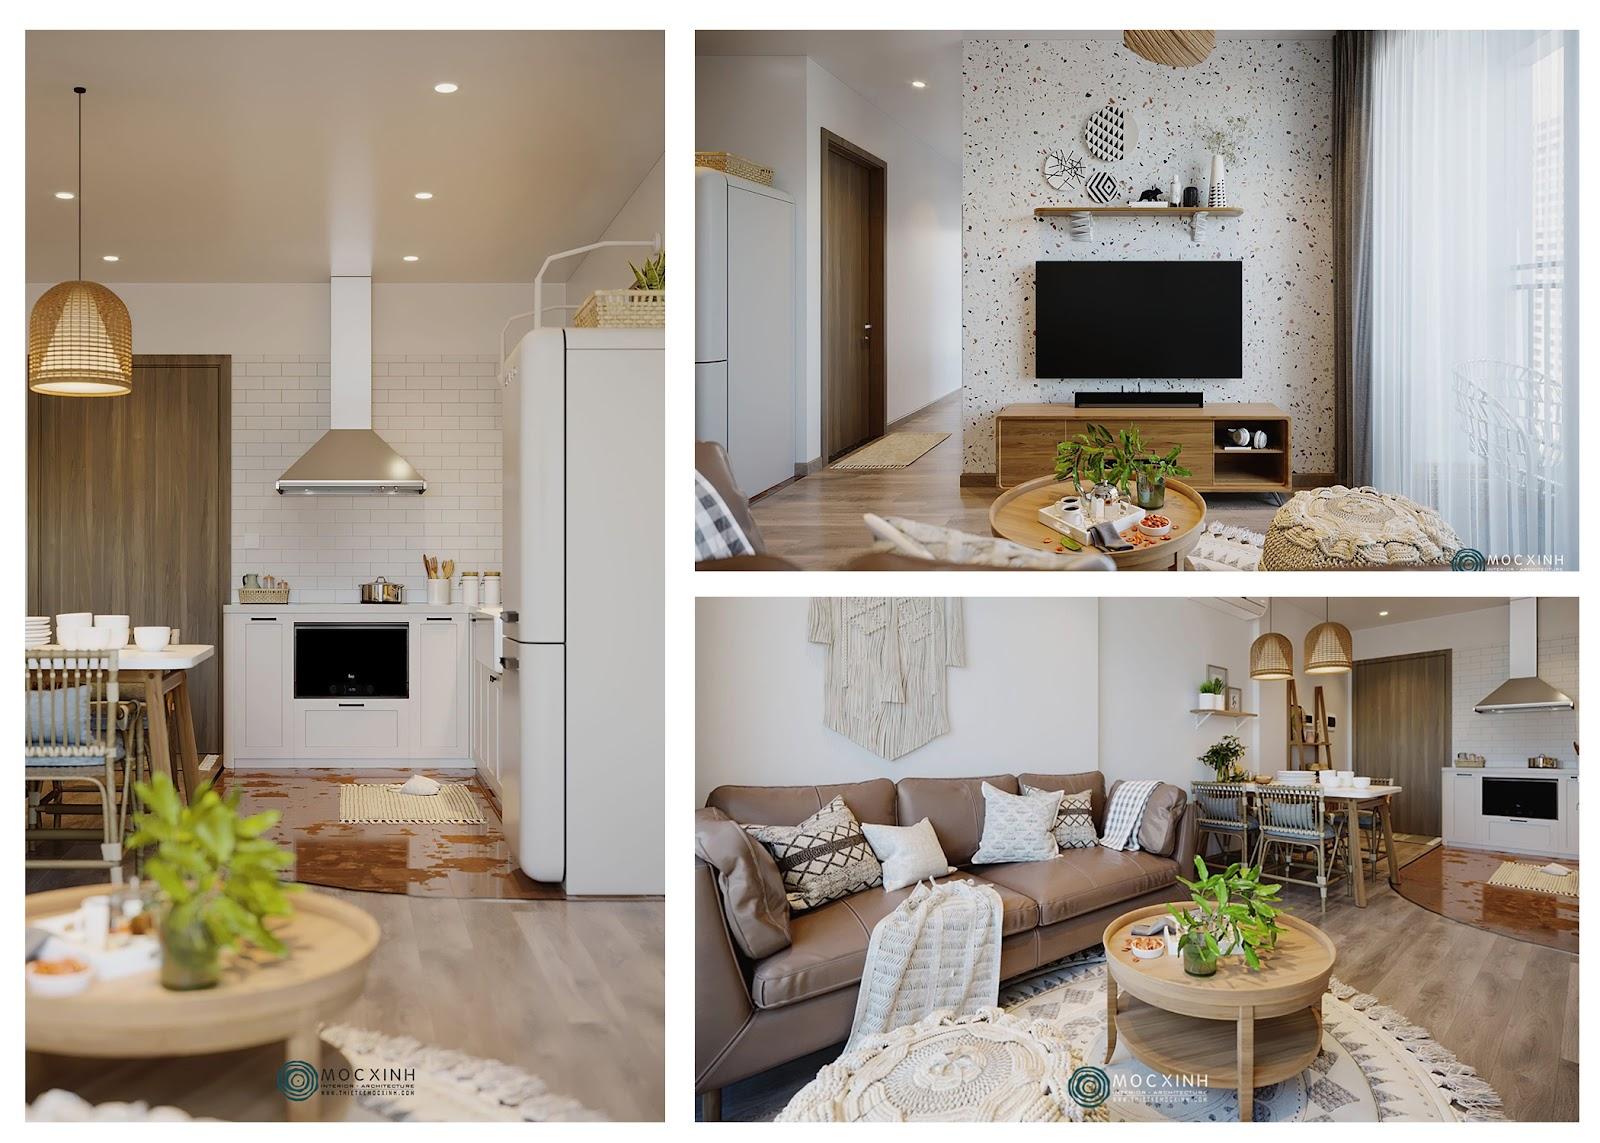 Thiết kế nội thất phòng khách sáng tạo độc đáo